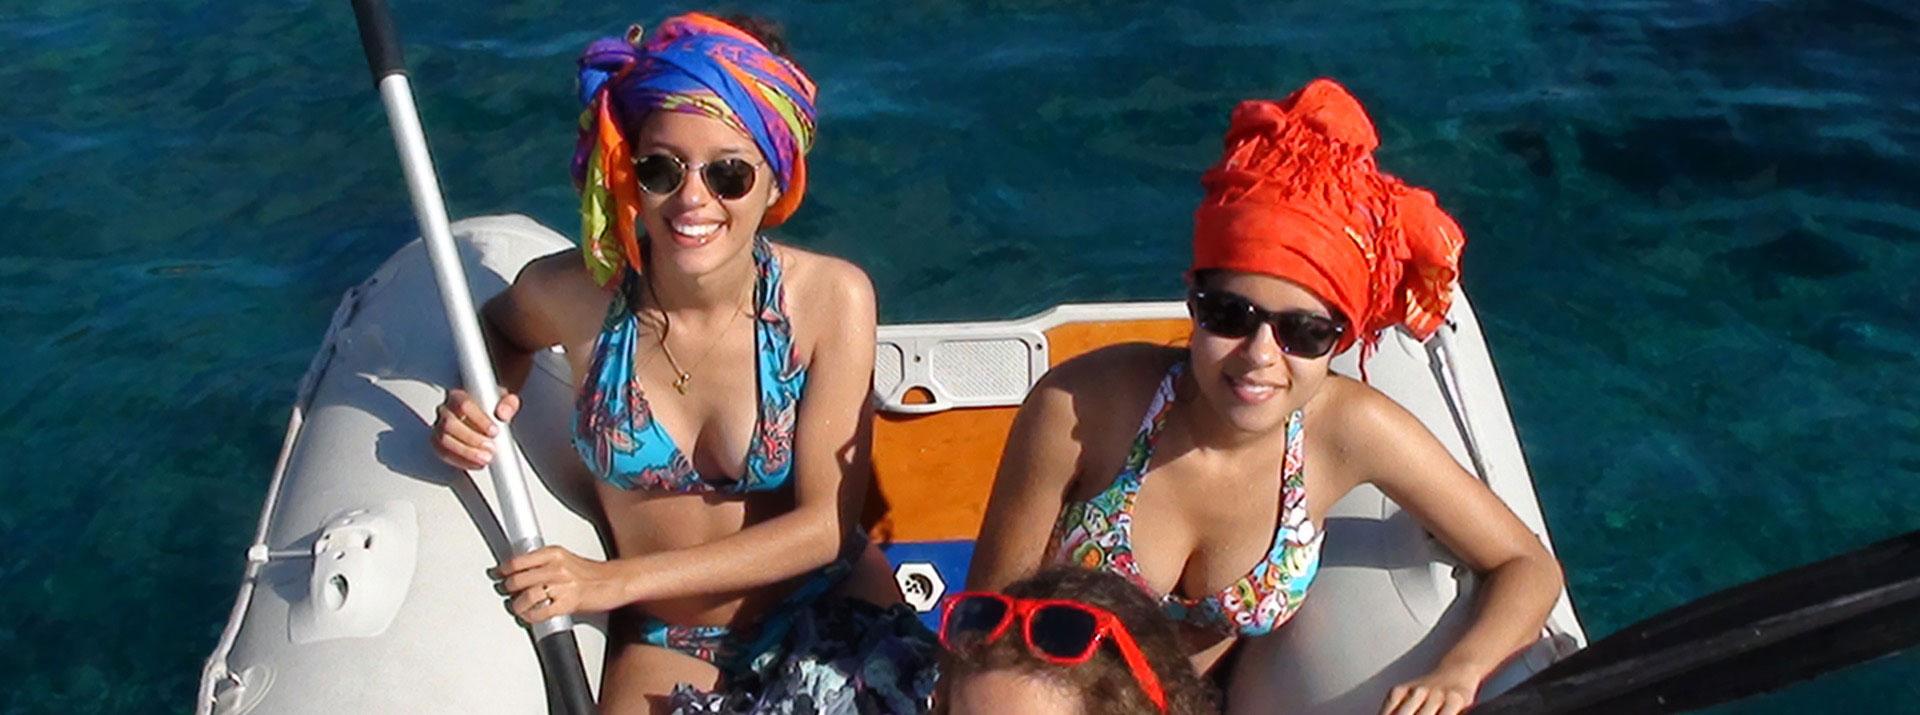 Croisiere en Corse en famille, sur un voilier avec skipper !